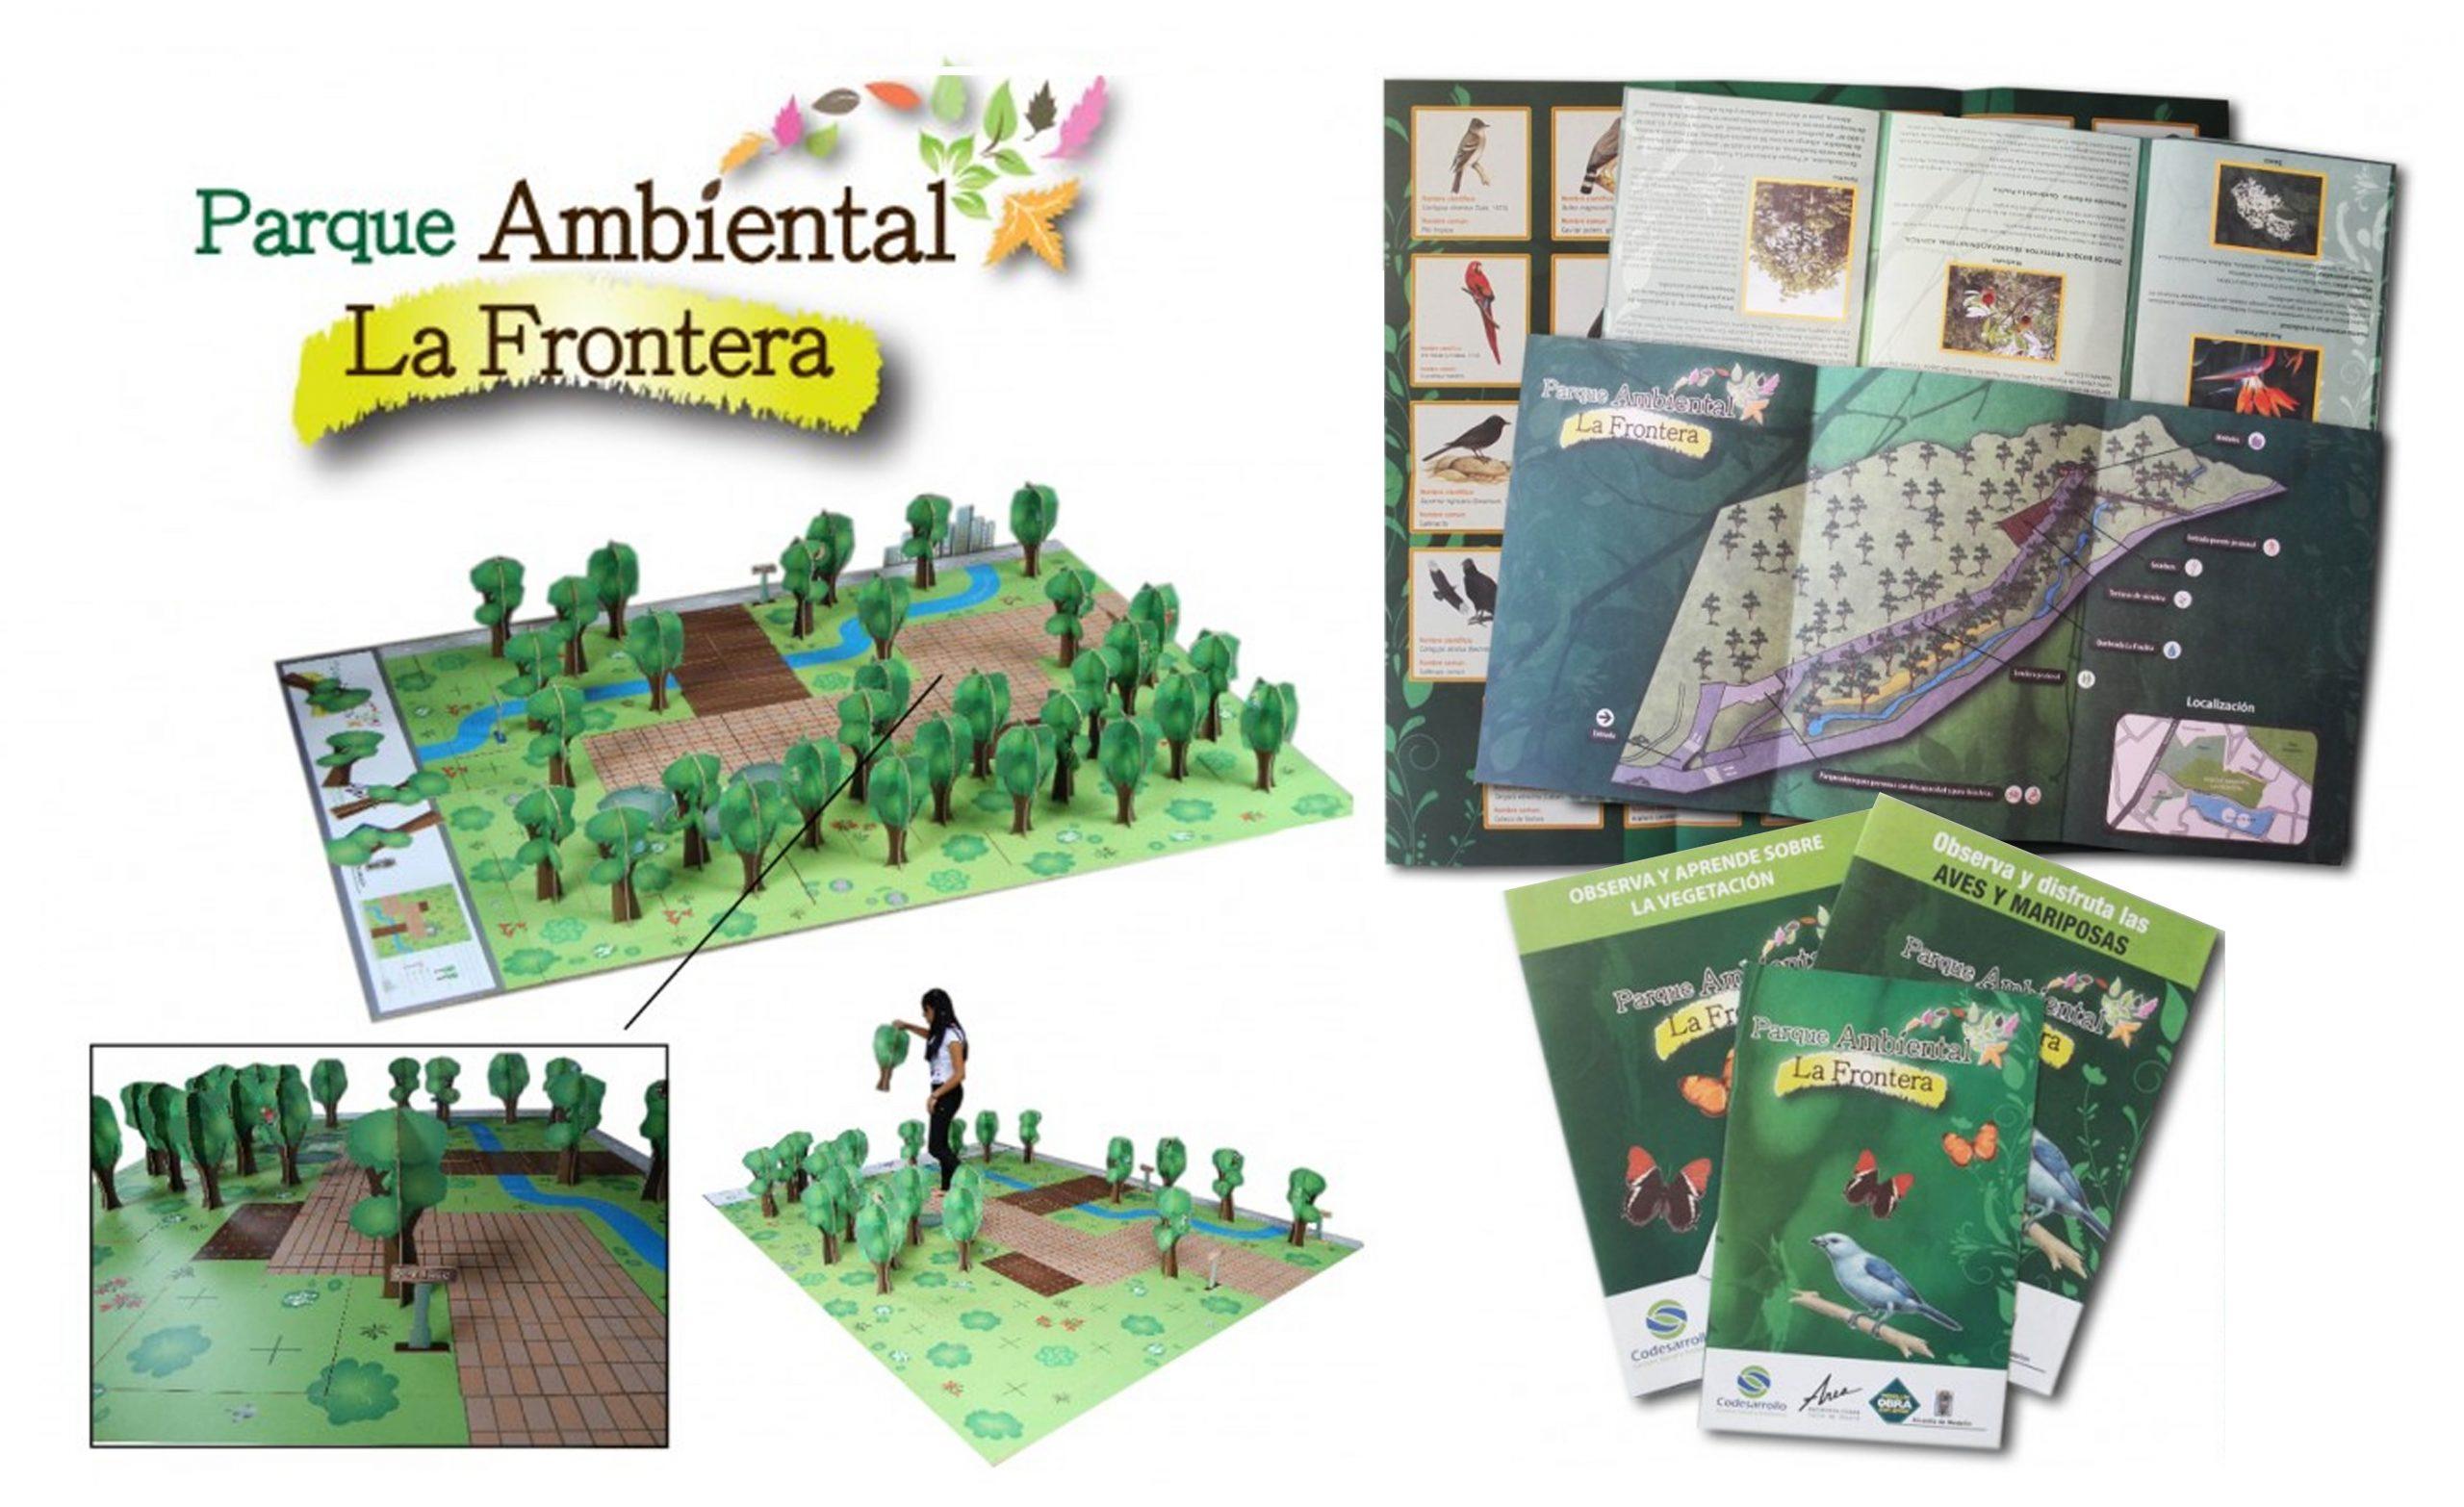 Campaign Design Parque Ambiental La Frontera